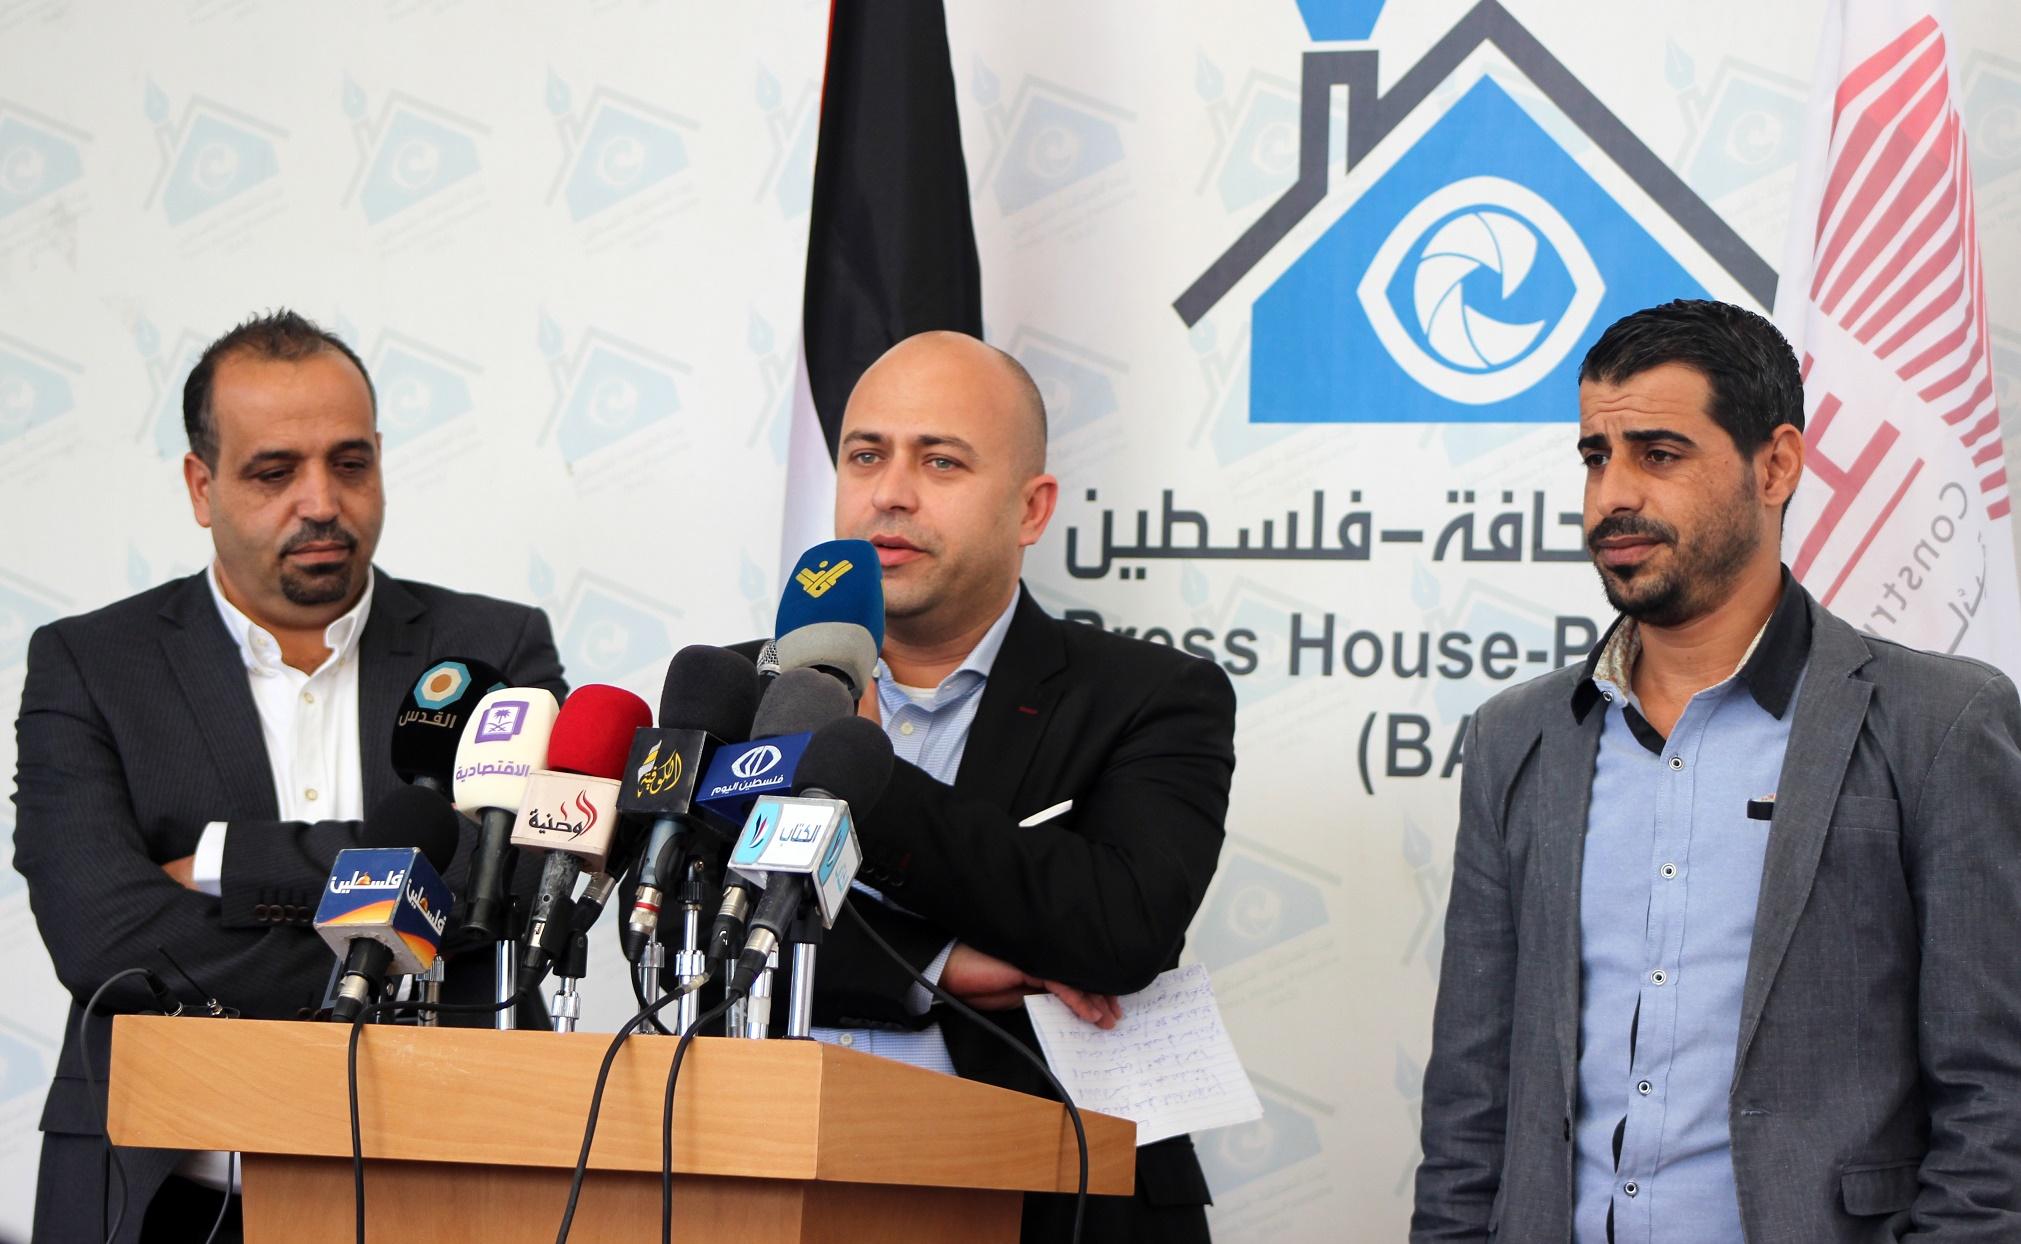 شركة سند تعقد مؤتمراً صحفيا ببيت الصحافة لتوضيح تفاصيل إنشاء أول مصنع اسمنت بفلسطين